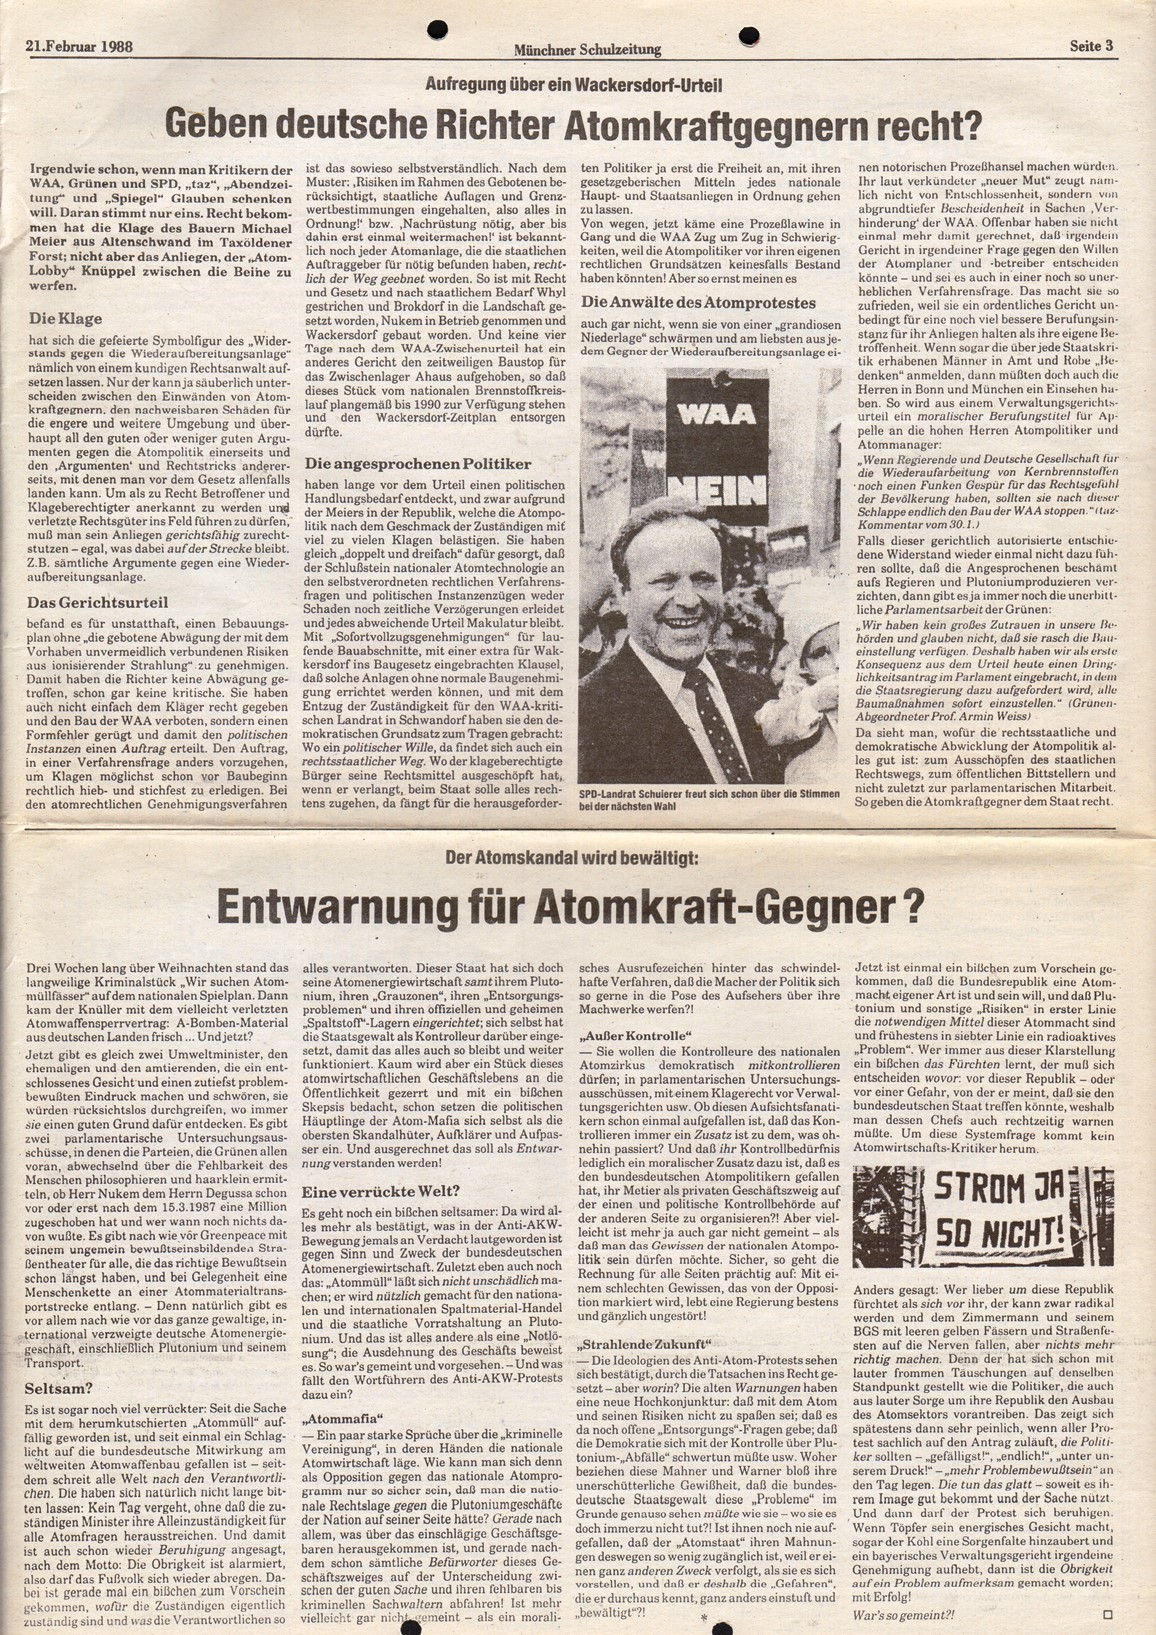 Muenchen_MG_Schulzeitung_19880221_03